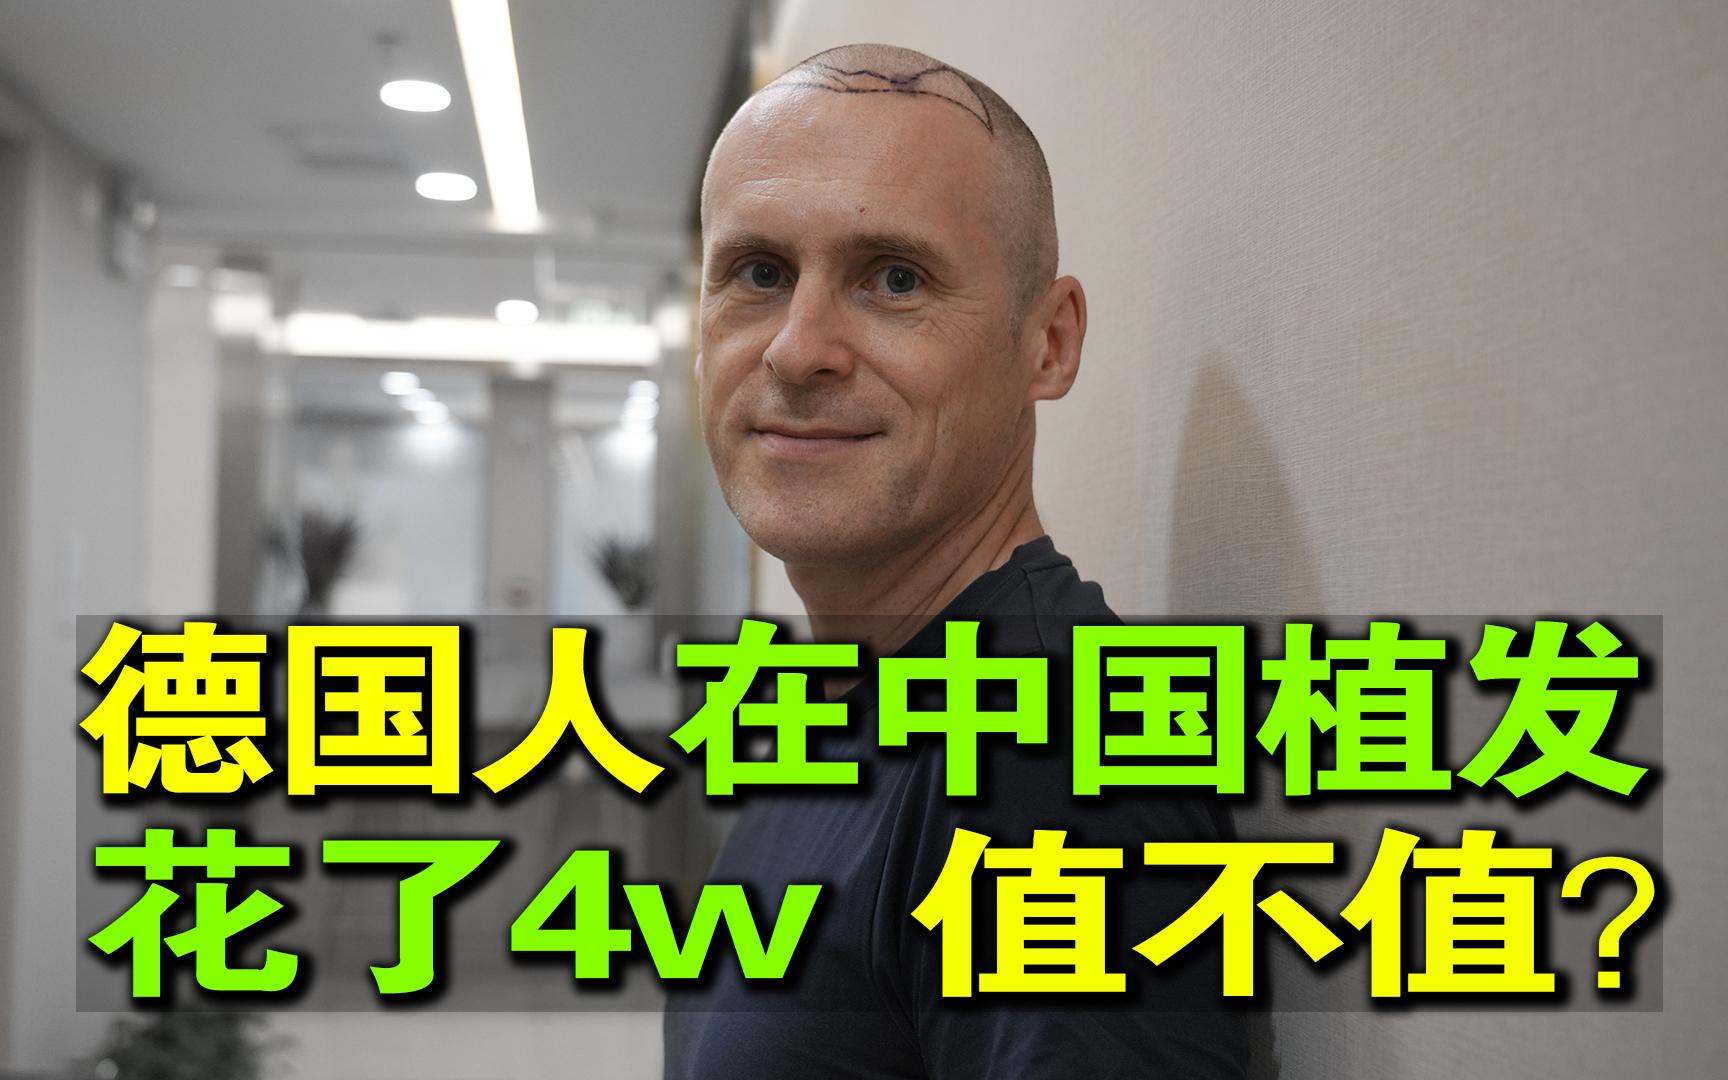 花费4W!德国人在中国植发全过程记录,大家觉得值吗?(全过程记录,悄悄看)